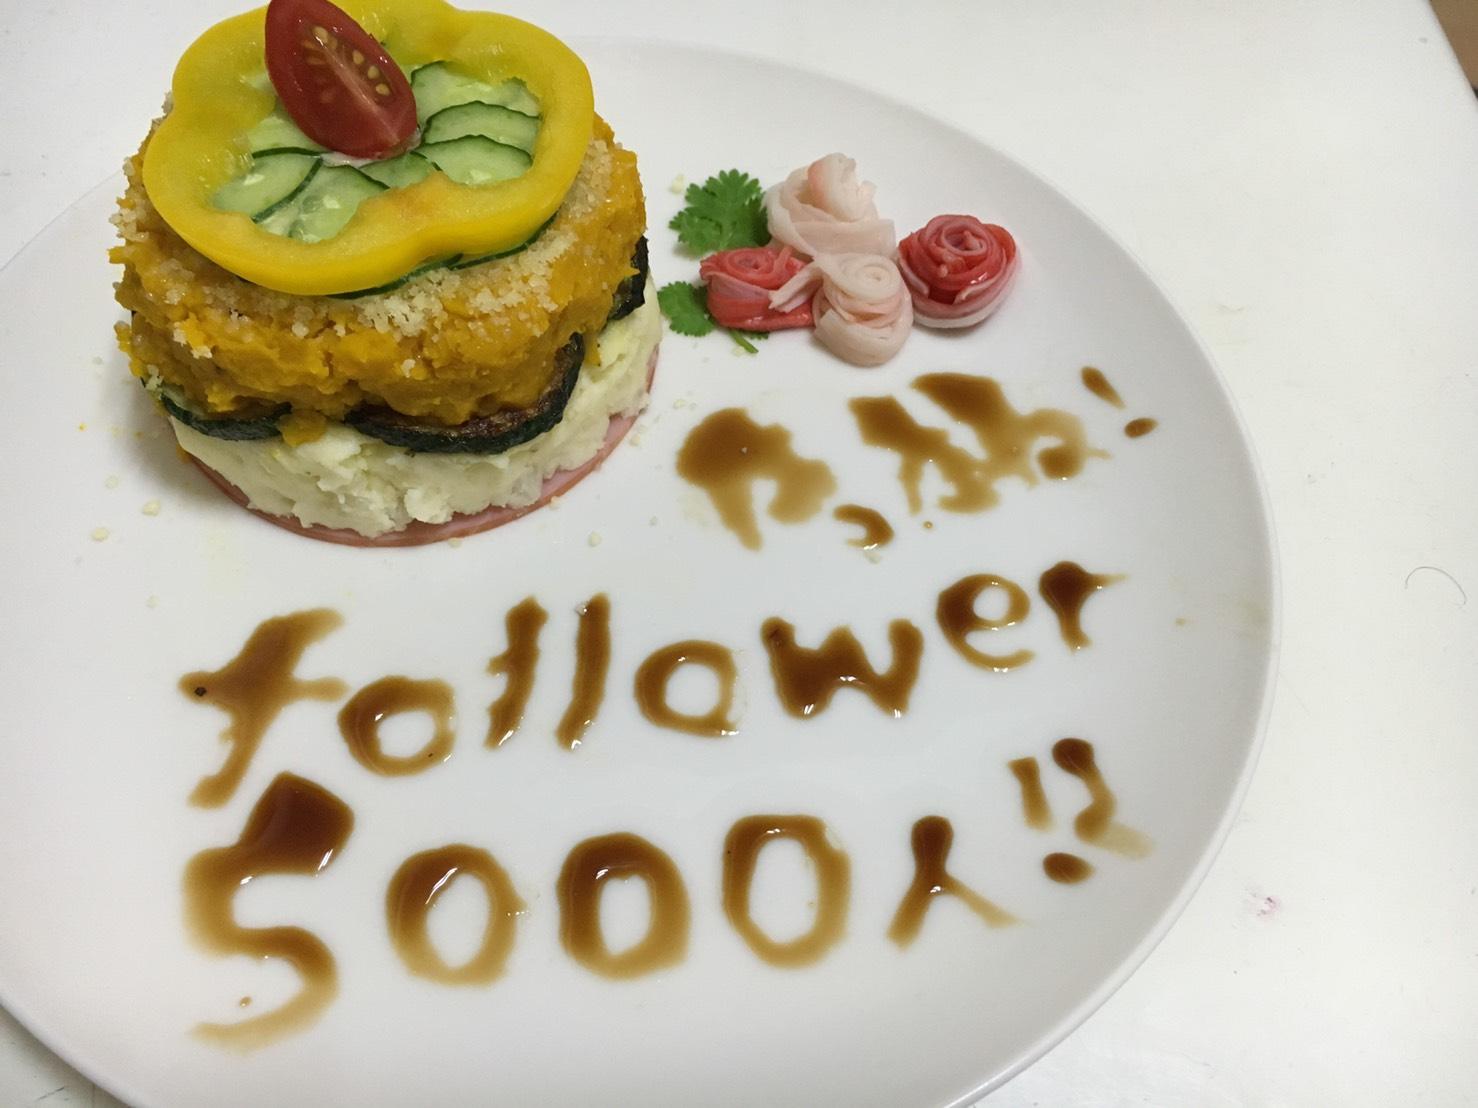 カラーコーンで世界記録に挑戦‼:Twitterのフォロワー様5000人越えました(*^^*)✨